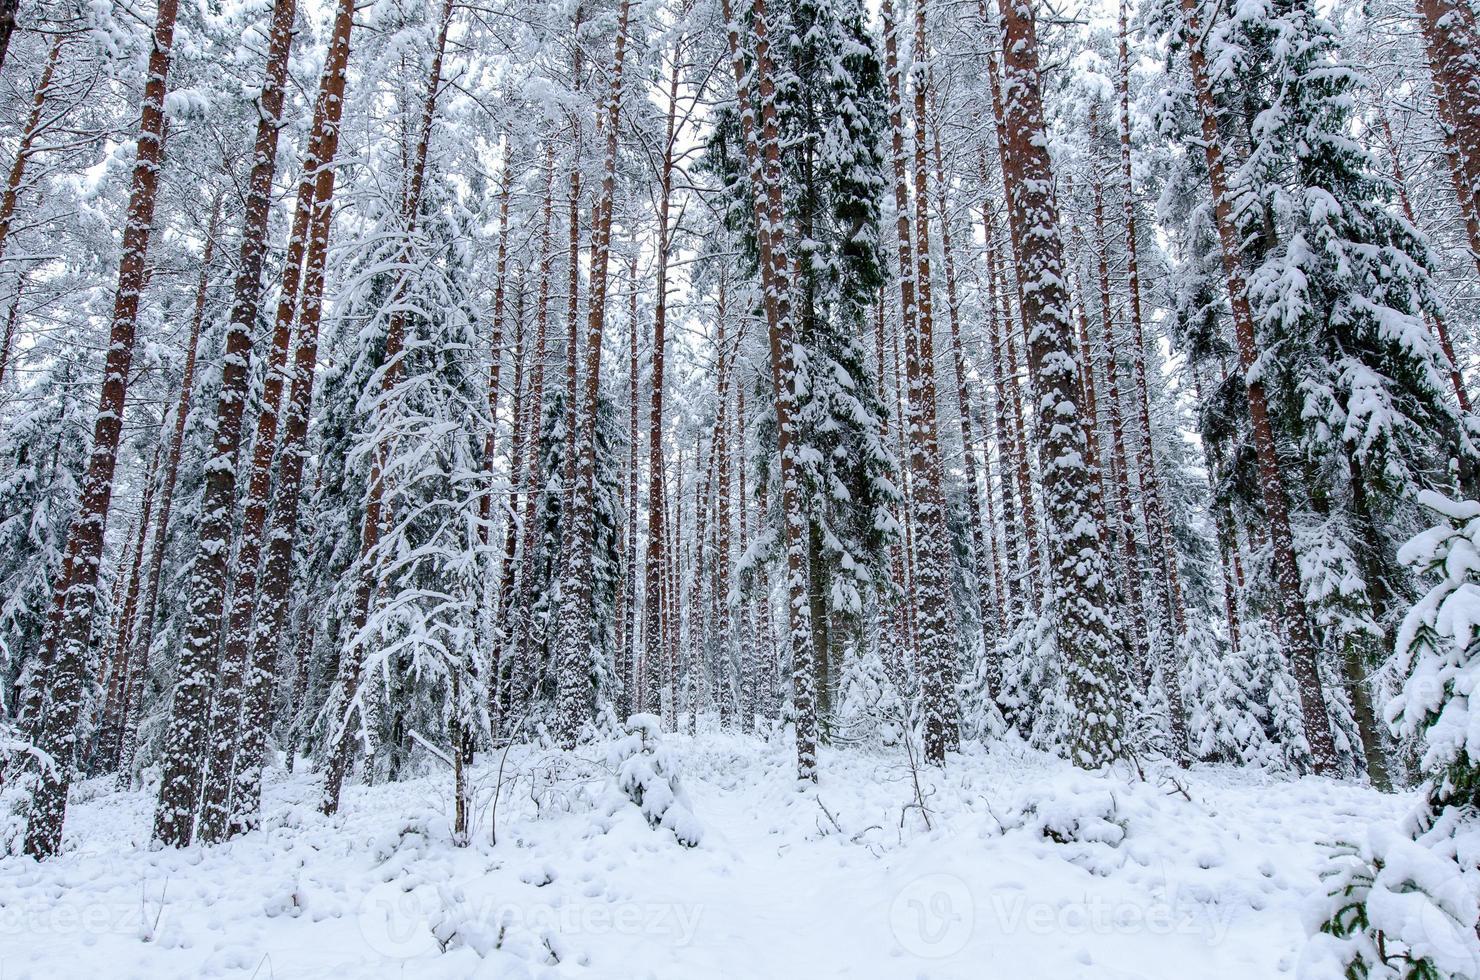 árvores cobertas de neve na floresta de inverno foto